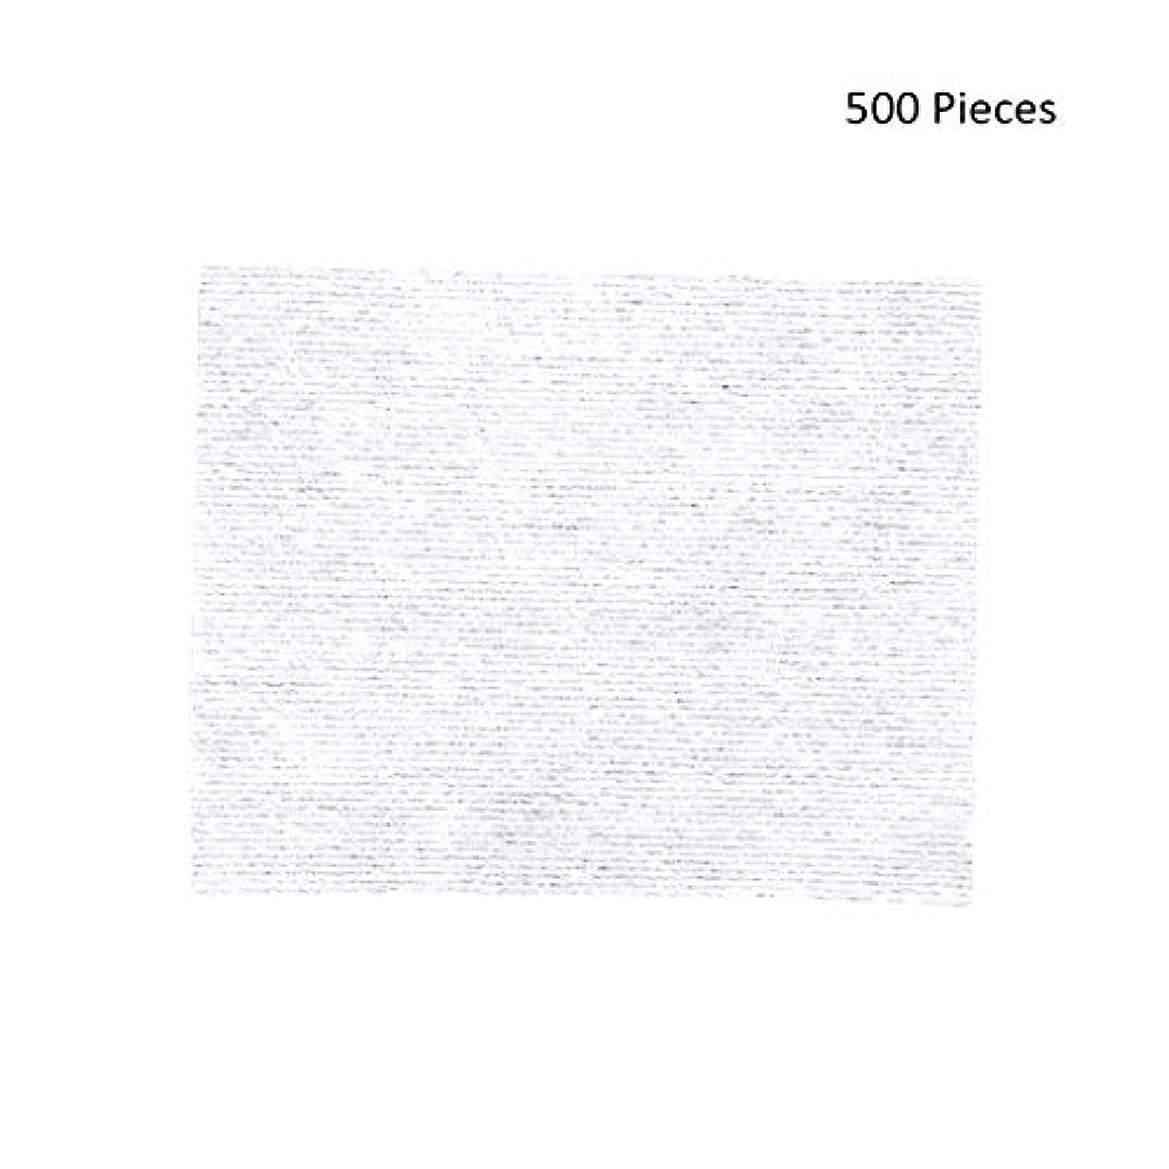 タイプライター有利ヘルメット500ピースフェイスメイクアップリムーバーワイプコットンパッドメイクアップリムーバーソフト化粧品フェイスマスククレンジングケアフェイシャルコットンパッド (Color : White, サイズ : 6*5cm)